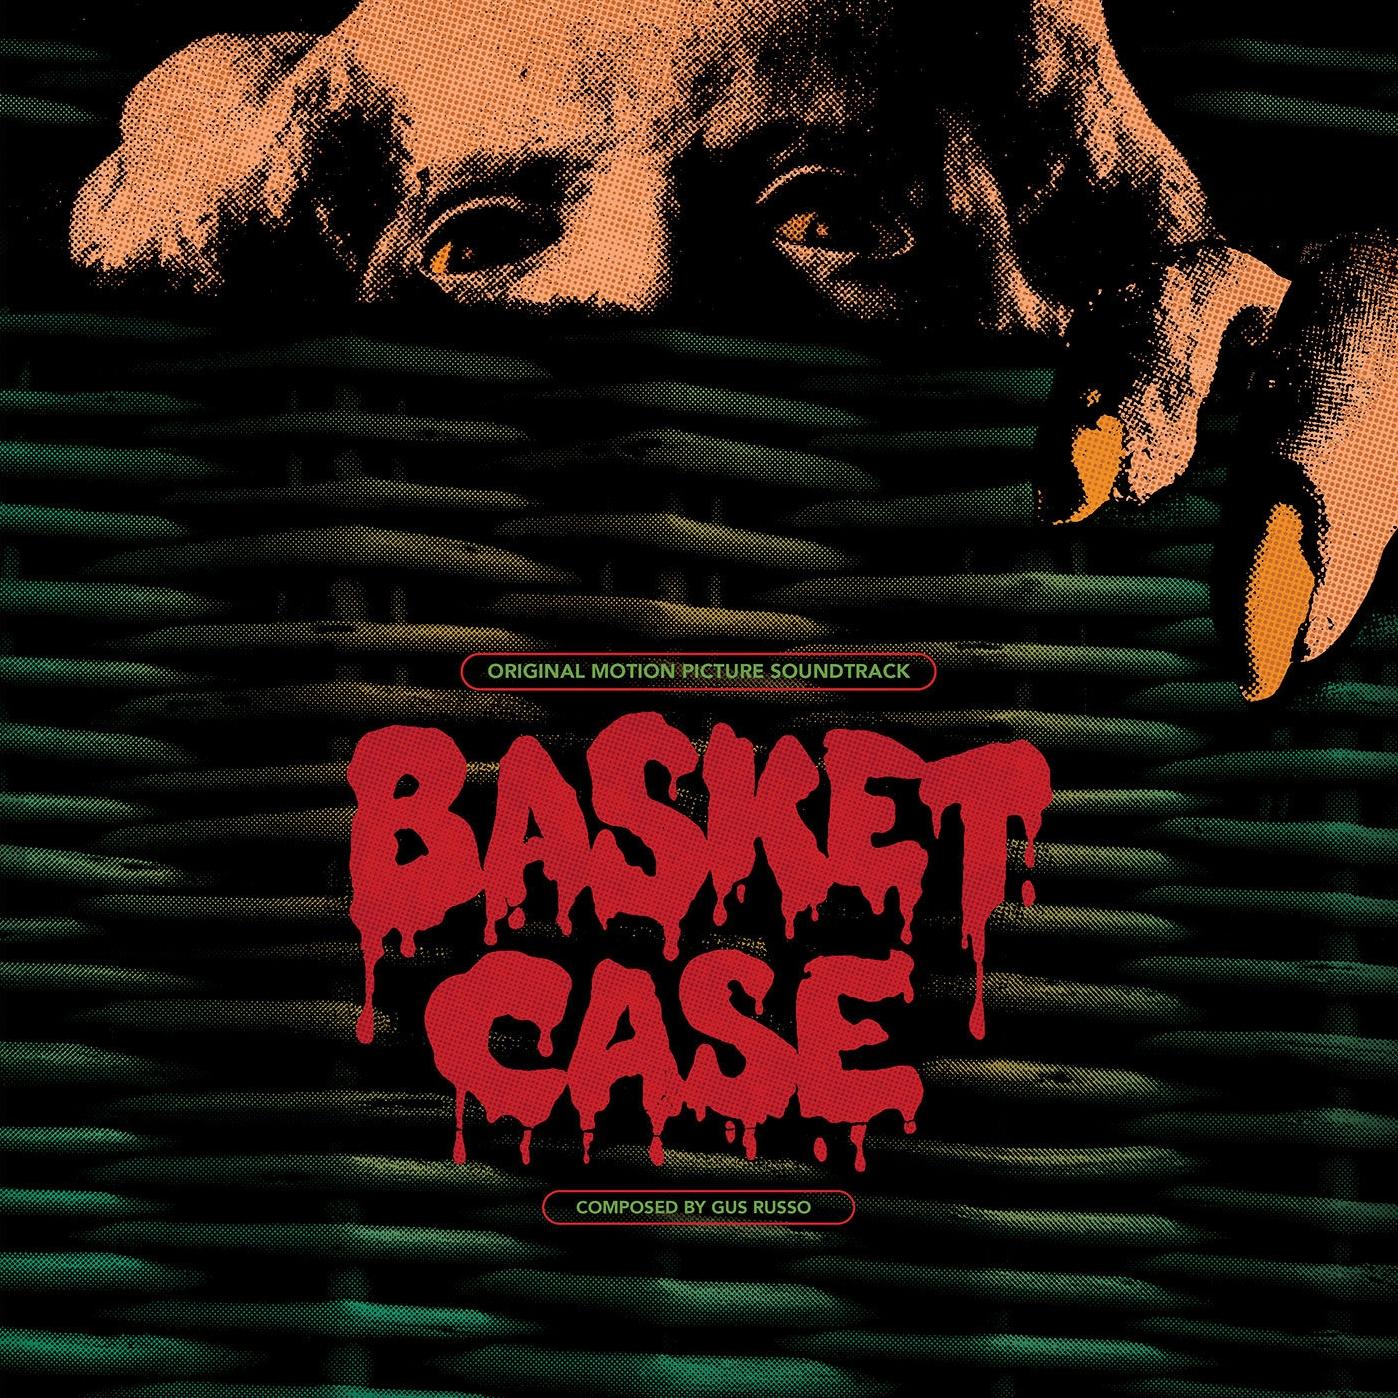 audio review : Basket Case [ Original Motion Picture Soundtrack ]